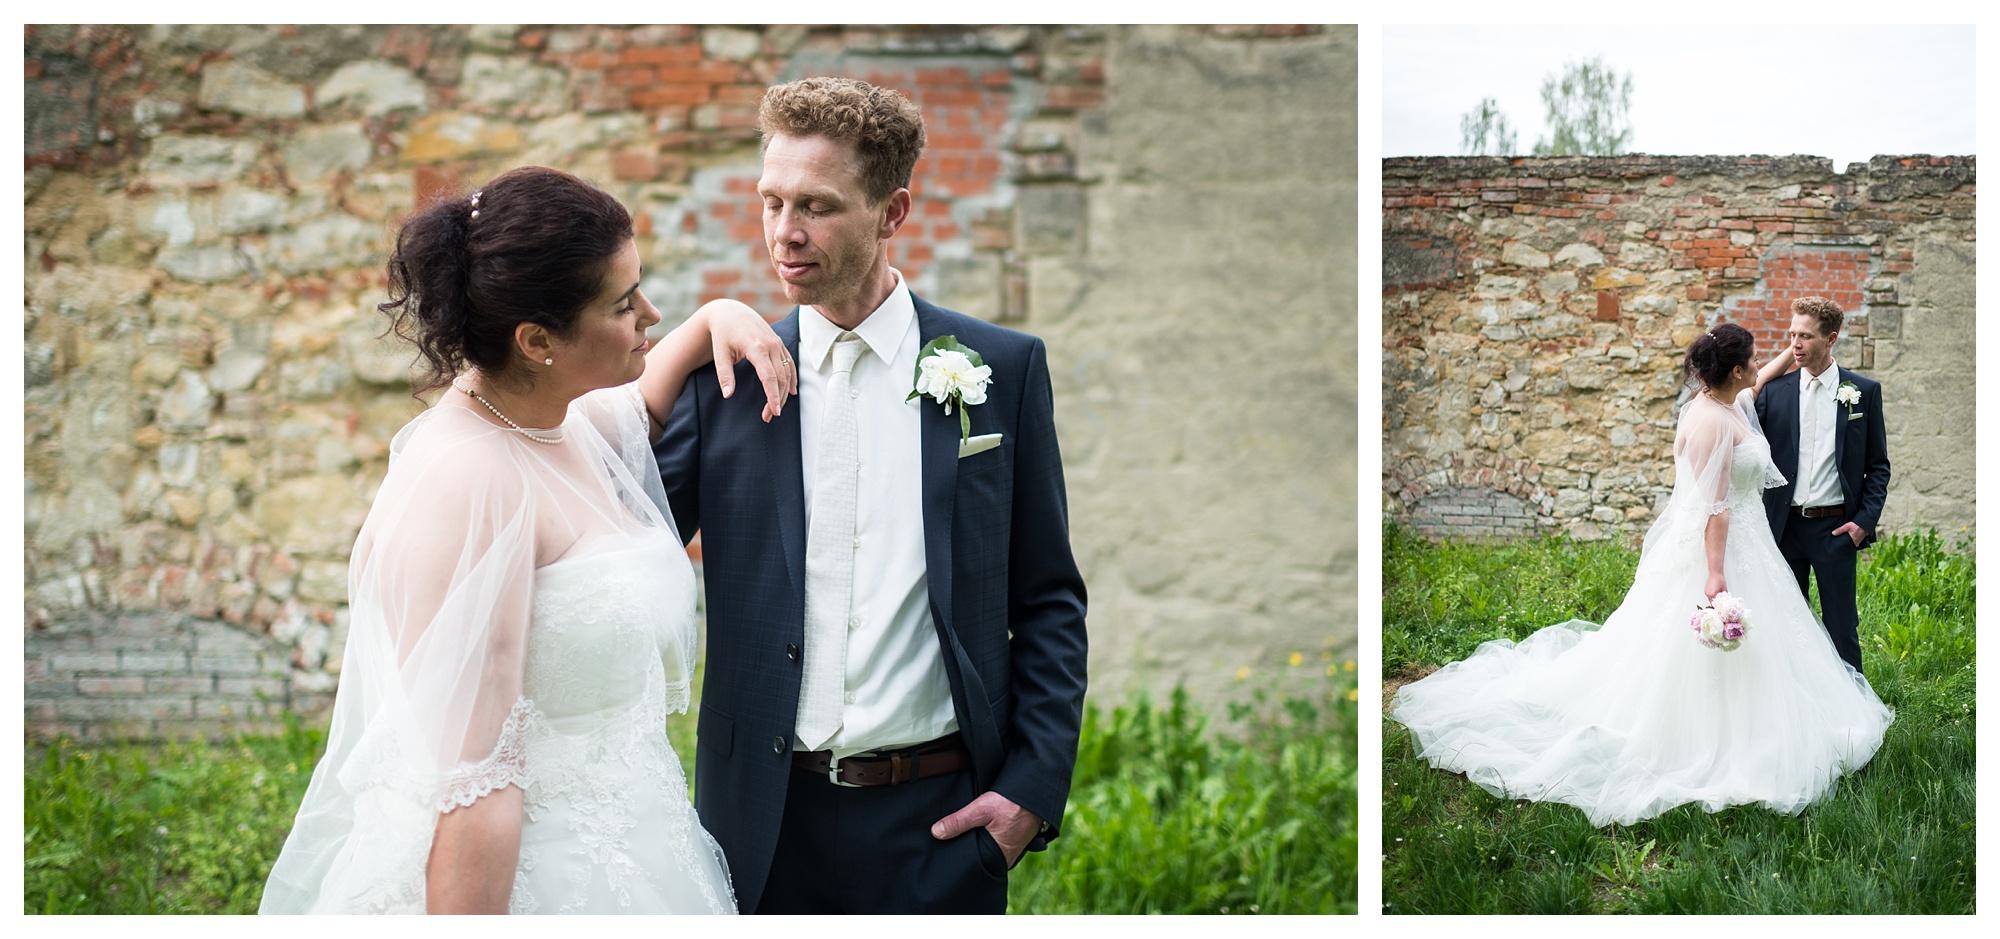 Fotograf Konstanz - Hochzeit Tanja Elmar Elmar Feuerbacher Photography Konstanz Messkirch Highlights 065 - Hochzeitsreportage von Tanja und Elmar im Schloss Meßkirch  - 168 -